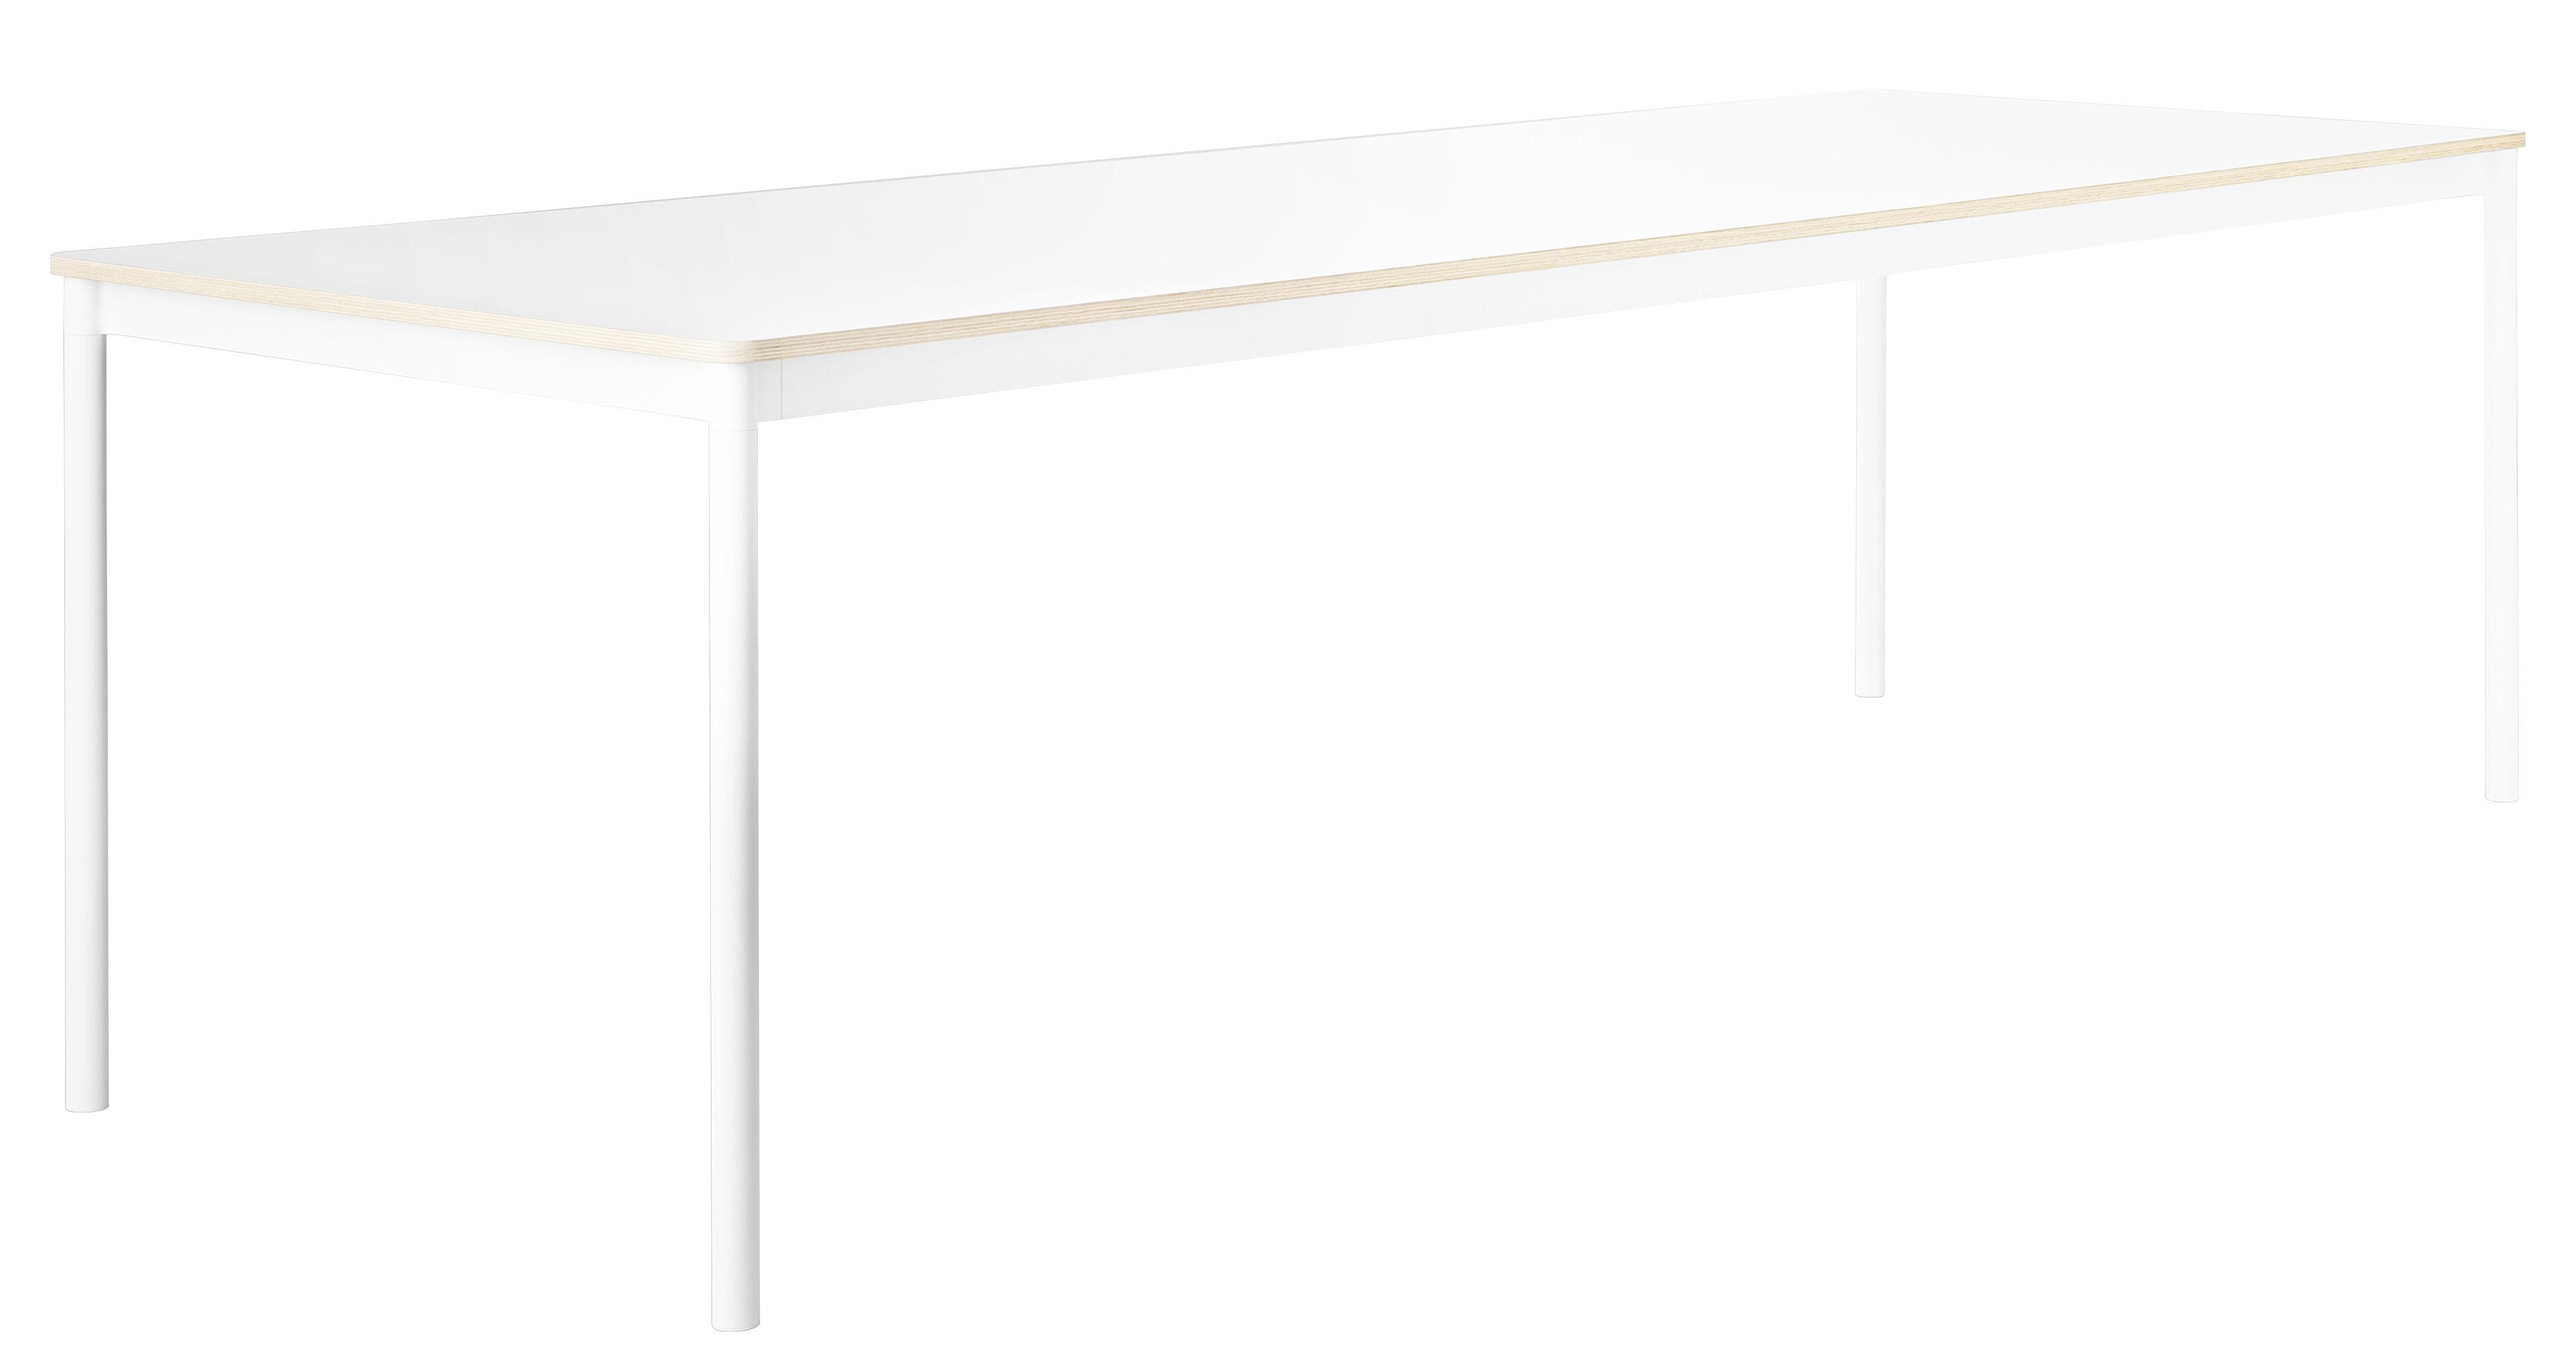 Möbel - Tische - Base rechteckiger Tisch / Tischplatte aus Holz - 250 x 90 cm - Muuto - Weiß - extrudiertes Aluminium, Furnier, Press-Spanplatte